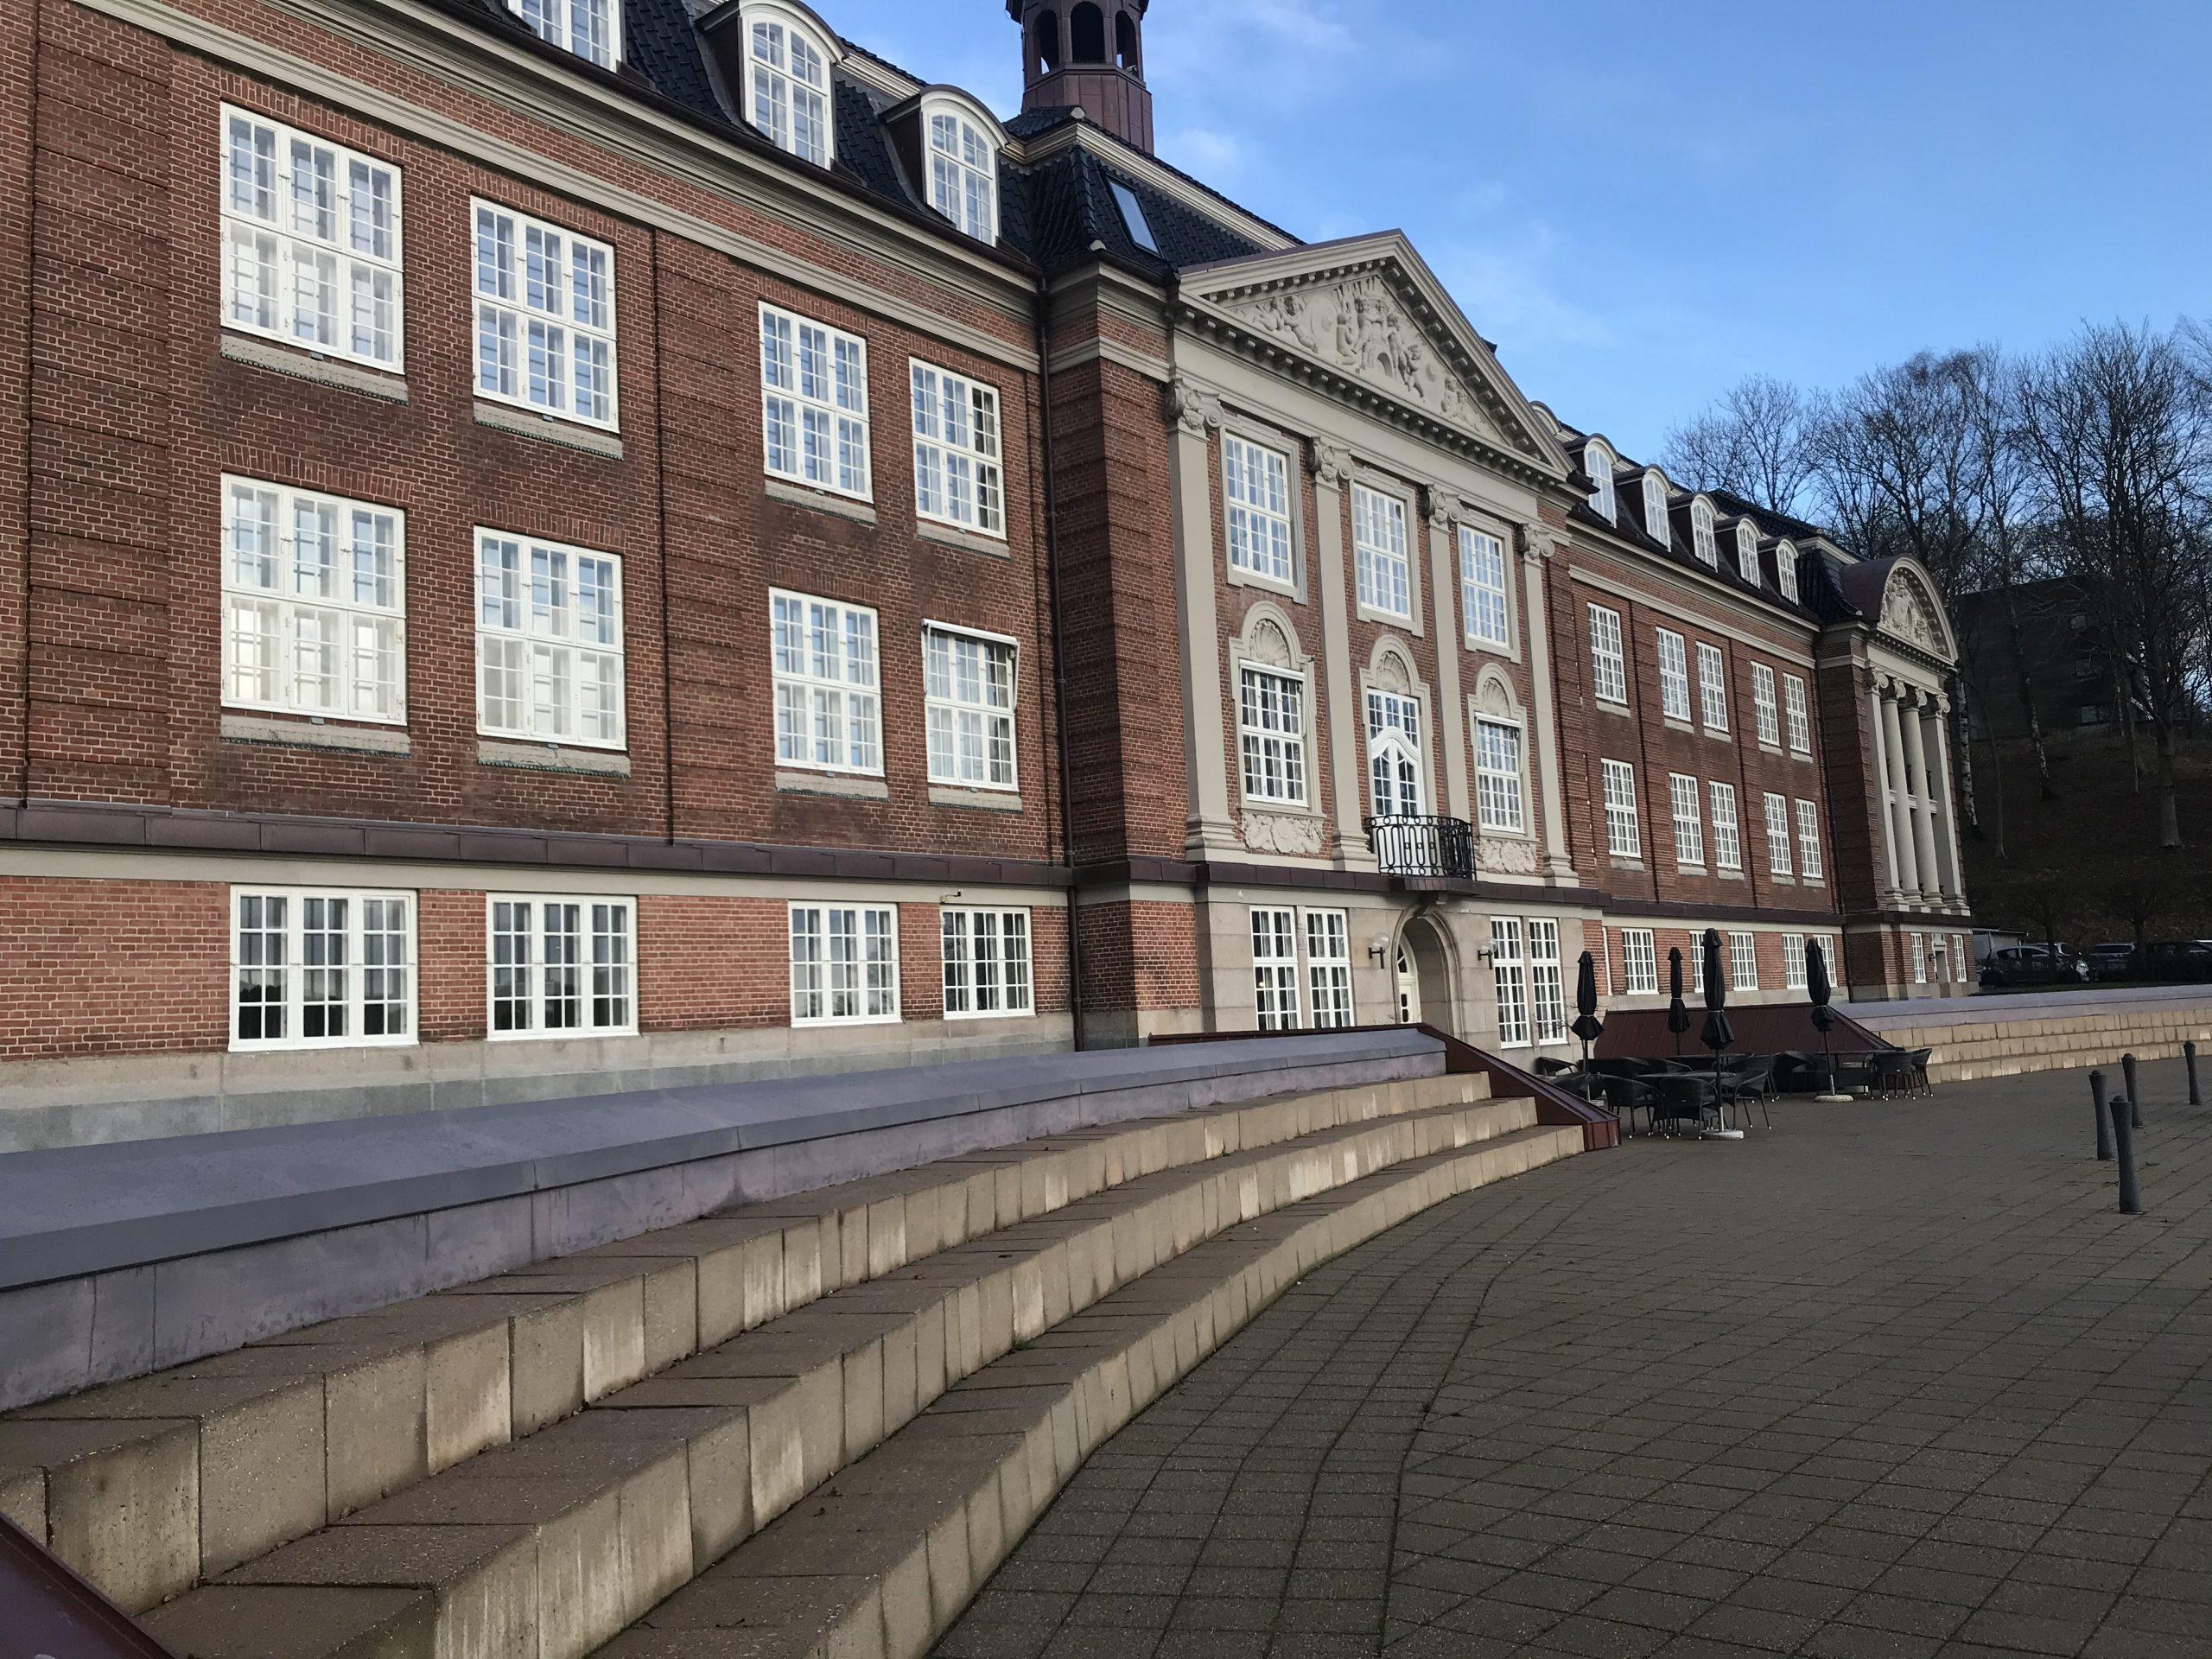 Hotel Koldingfjord er blandt de nominerede ved Danish Meeting & Event Award 2020; det er i kategorien Best Venue – Meeting design. De andre kandidater i kategorien er Legoland Hotel og Conference, MBK Kursuslokaler i København og Marienlyst Strandhotel. Foto: Ole Kirchert Christensen.